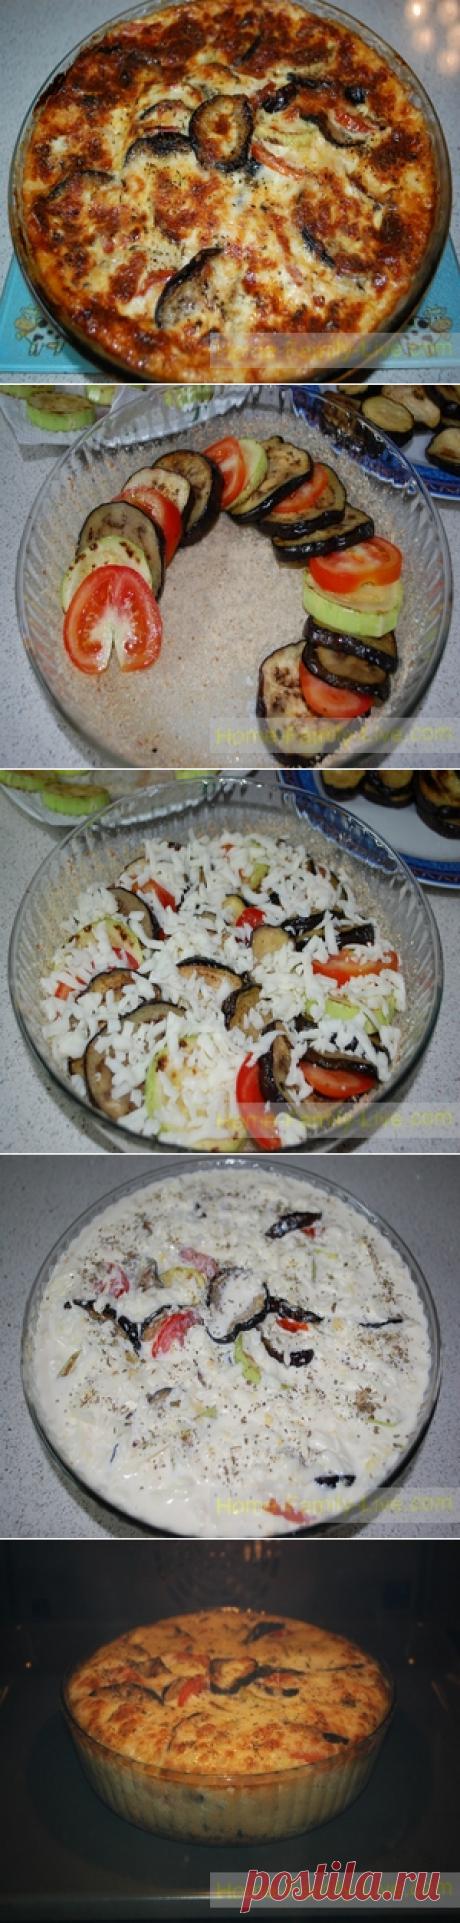 Запеканка из баклажан - пошаговый фото рецептКулинарные рецепты